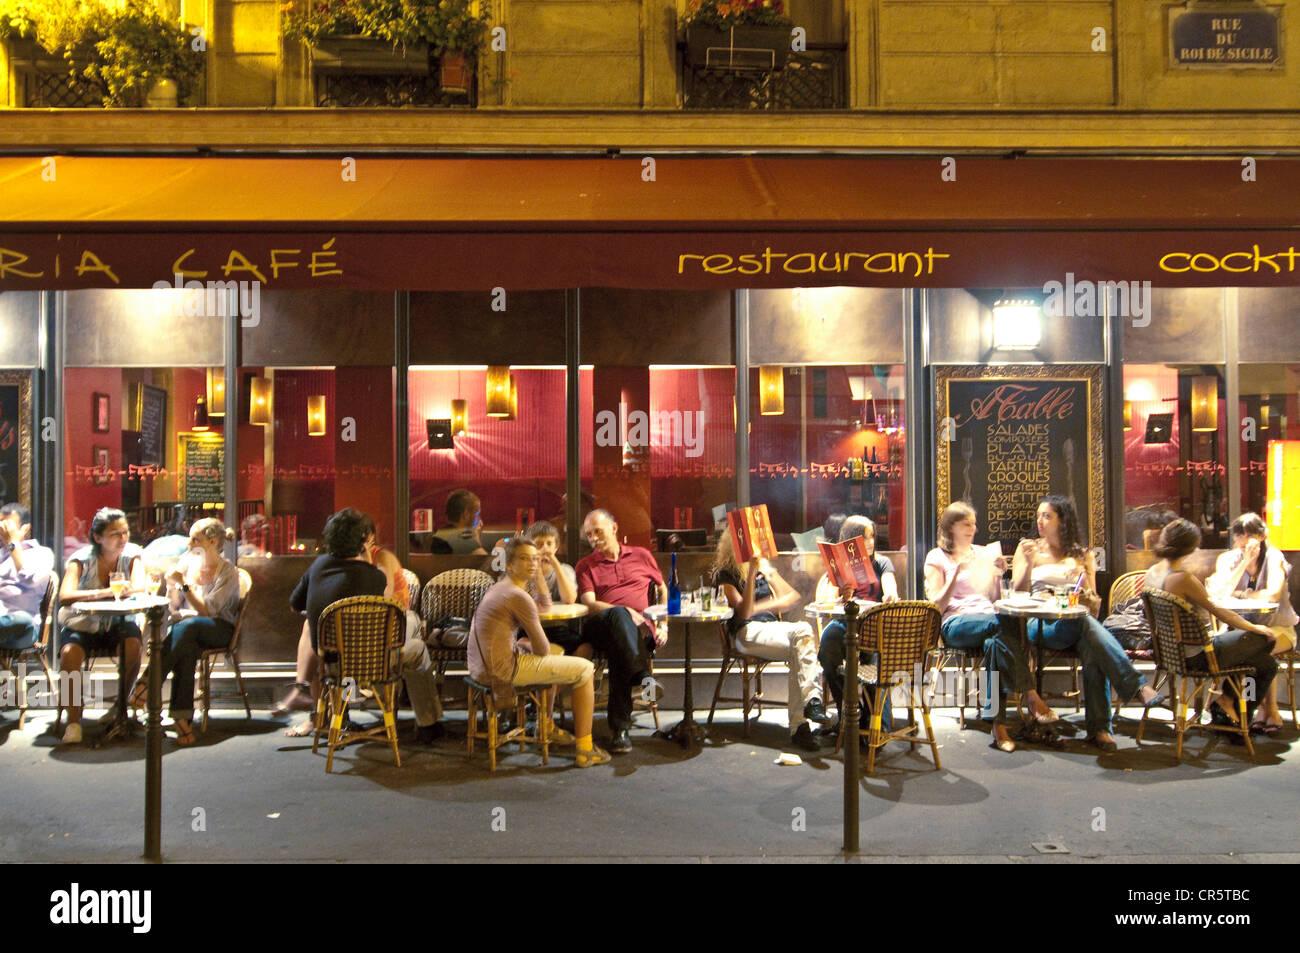 Roi De Sicile Stock Photos & Roi De Sicile Stock Images - Alamy